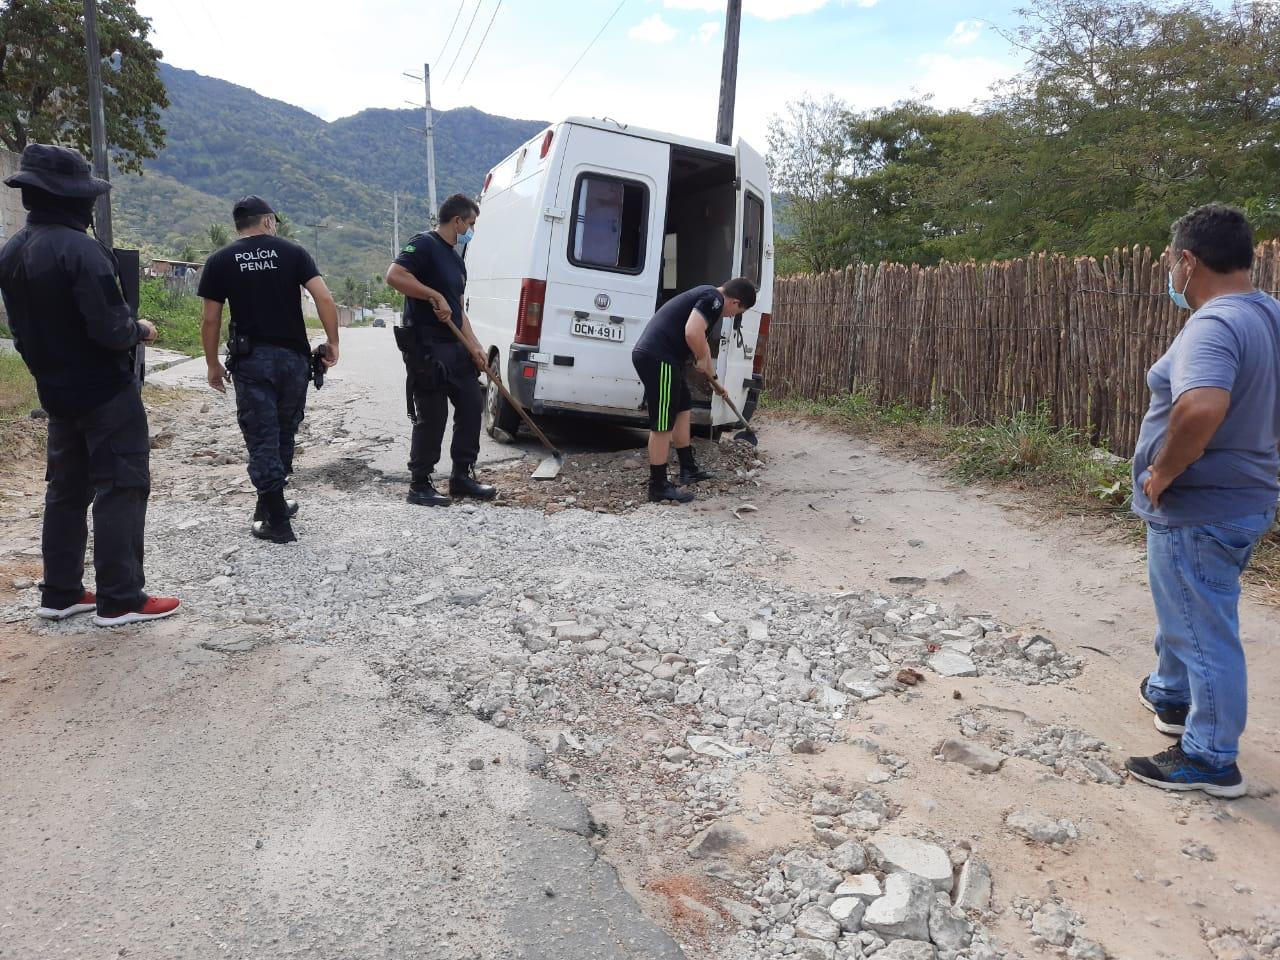 Policiais Penais da Pacatuba realizam operação 'tapa buraco' em estrada importante da região